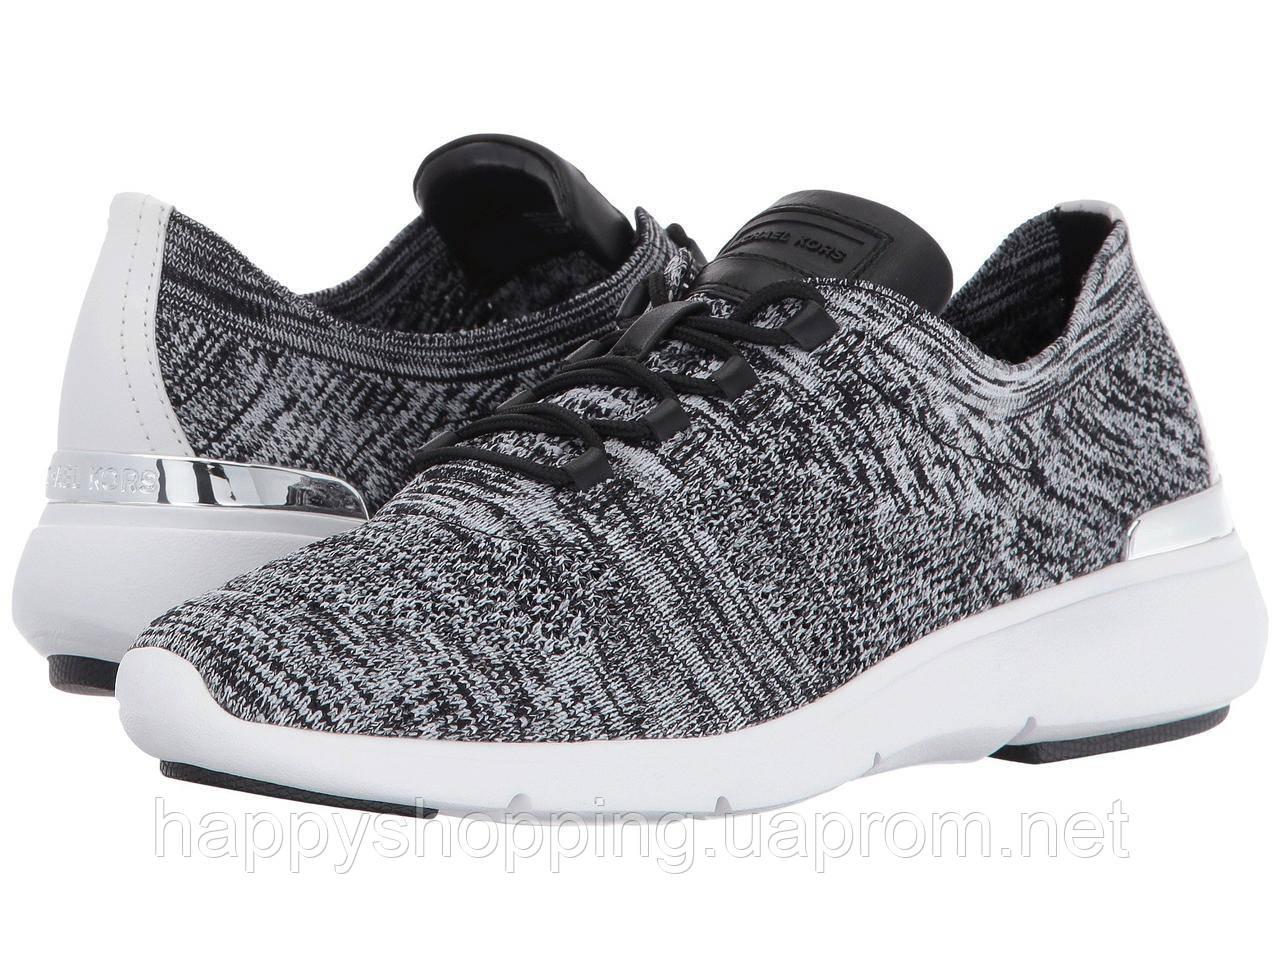 82da3cff8f38 Женские стильные черно-белые текстильные кроссовки популярного бренда  Michael Kors